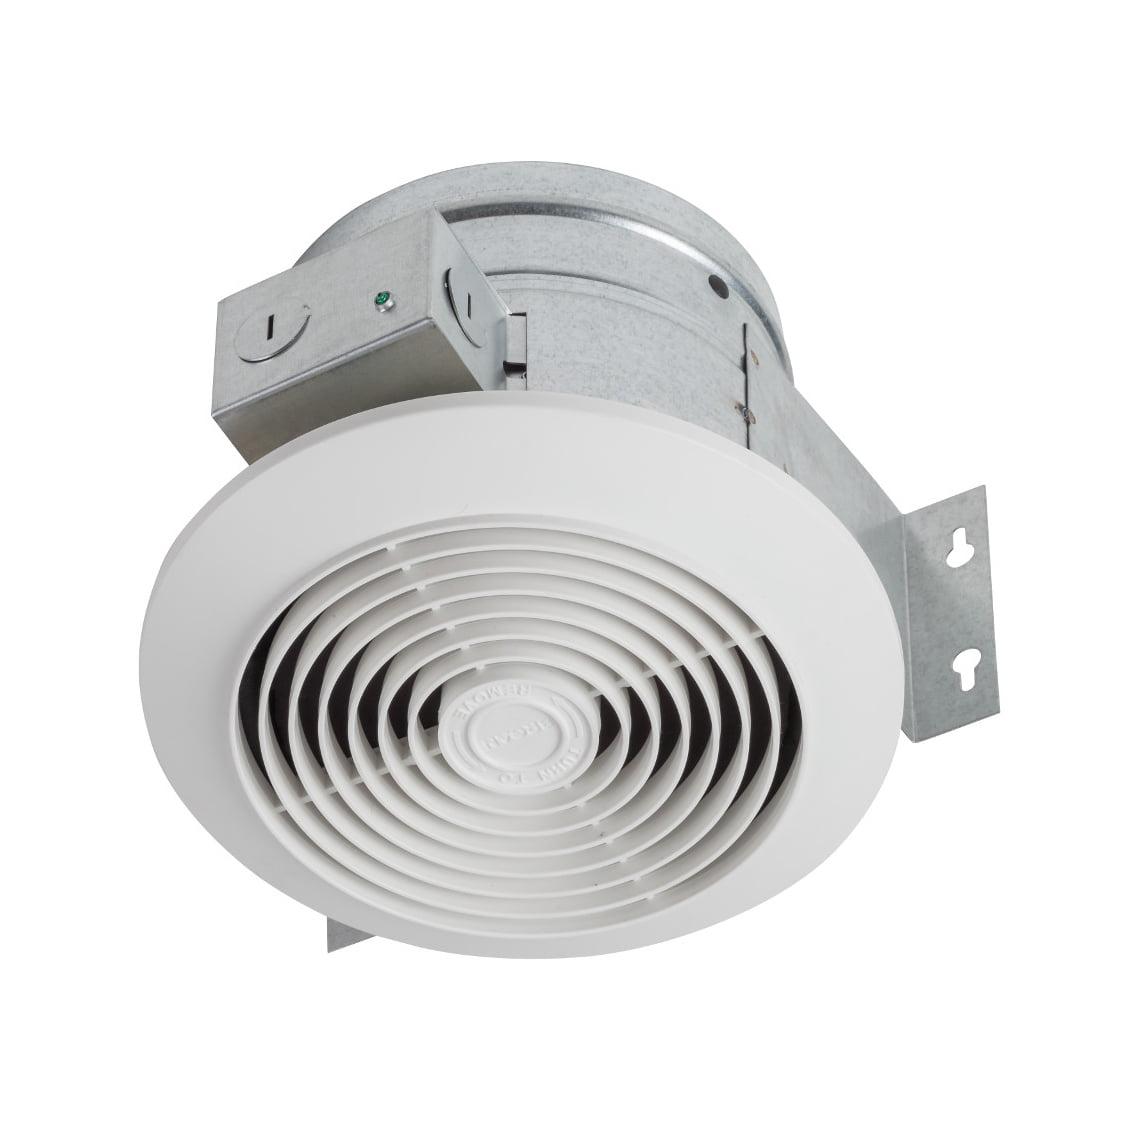 Vertical Discharge Bathroom Exhaust Fan